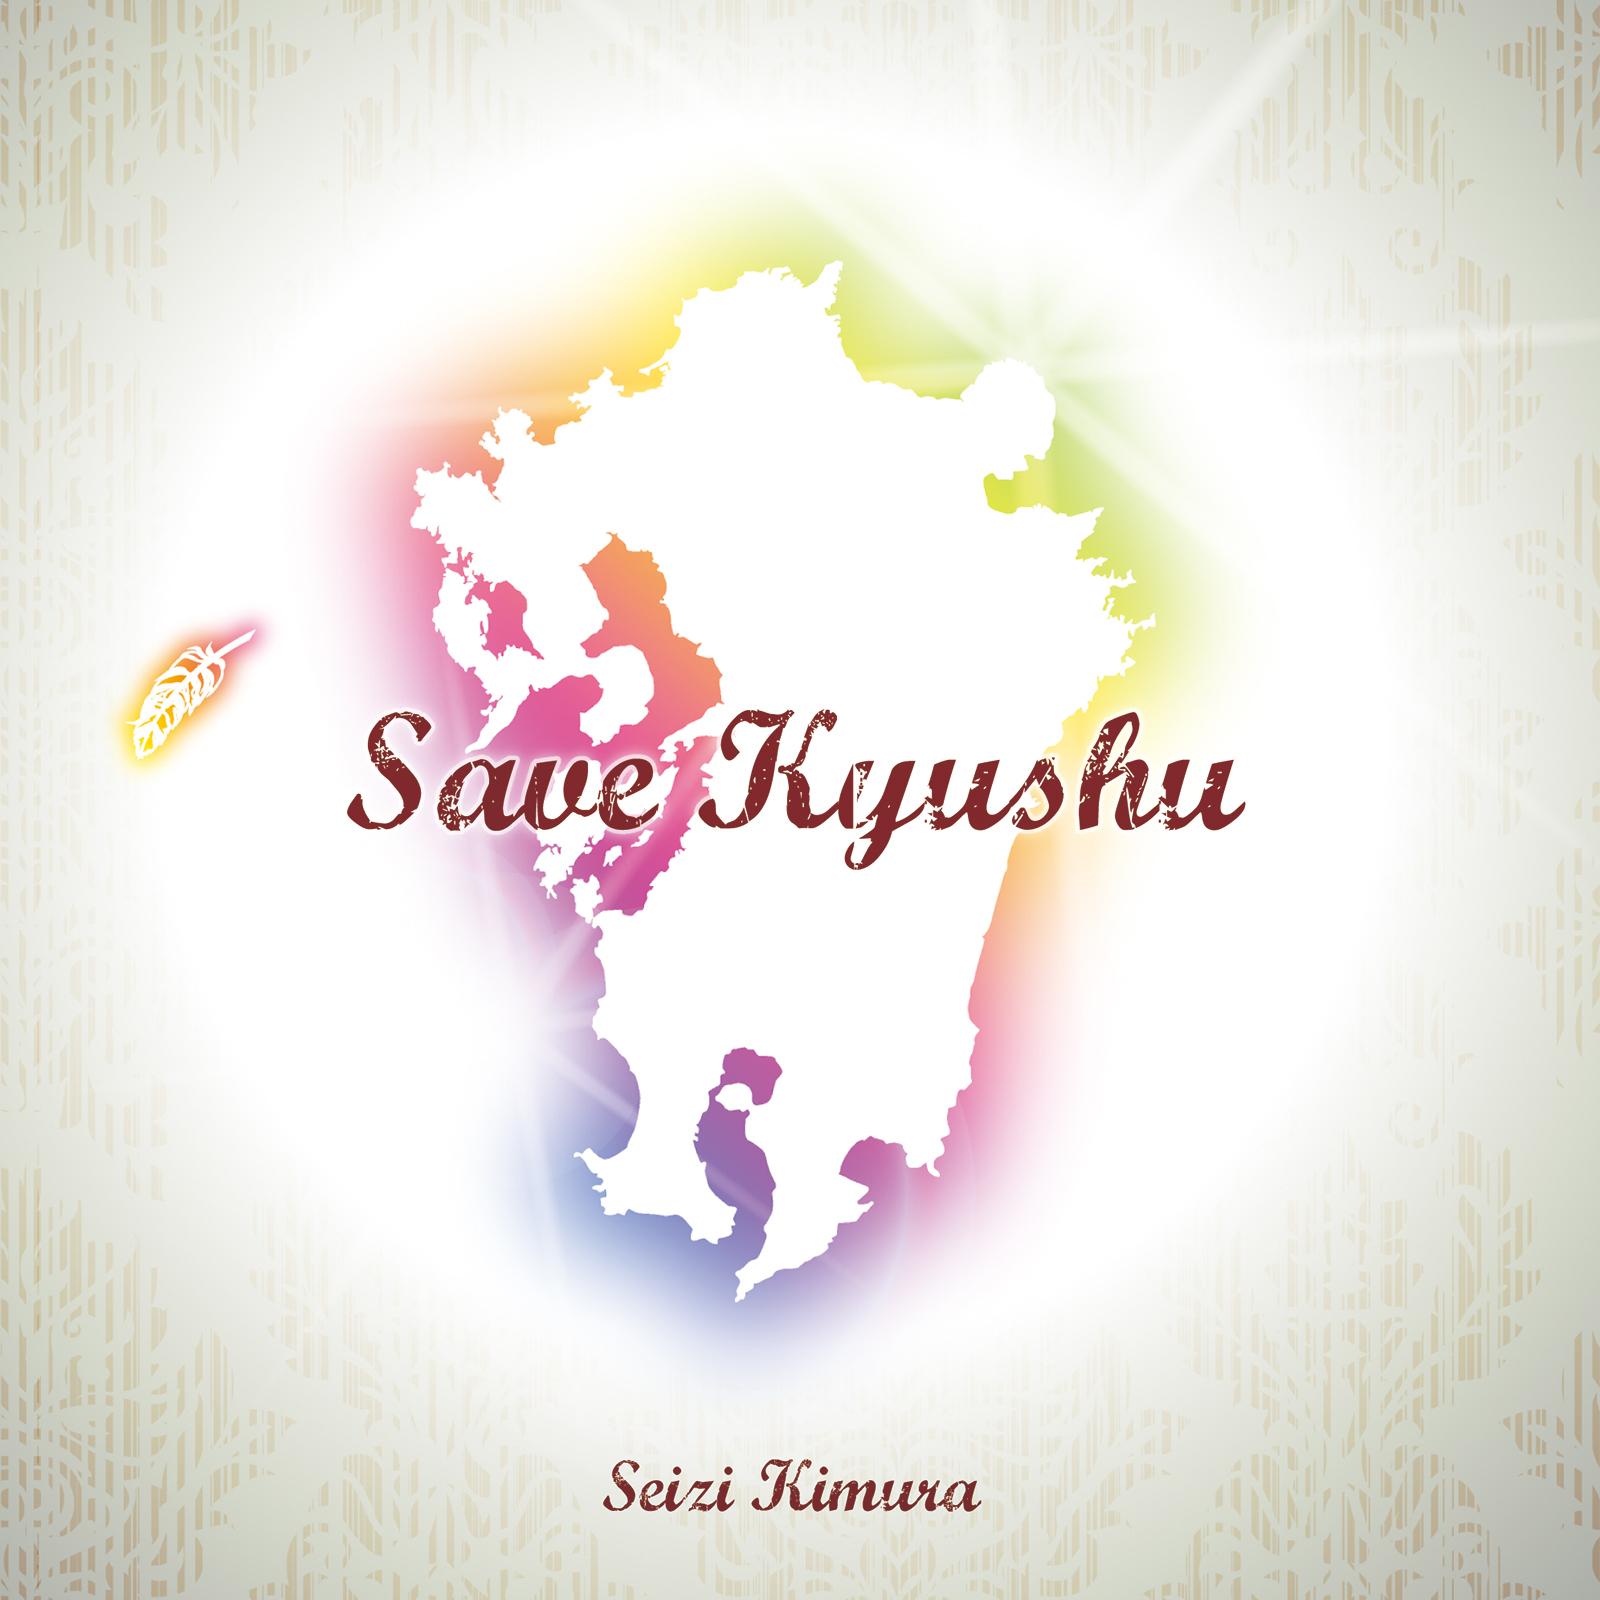 Save Kyushu